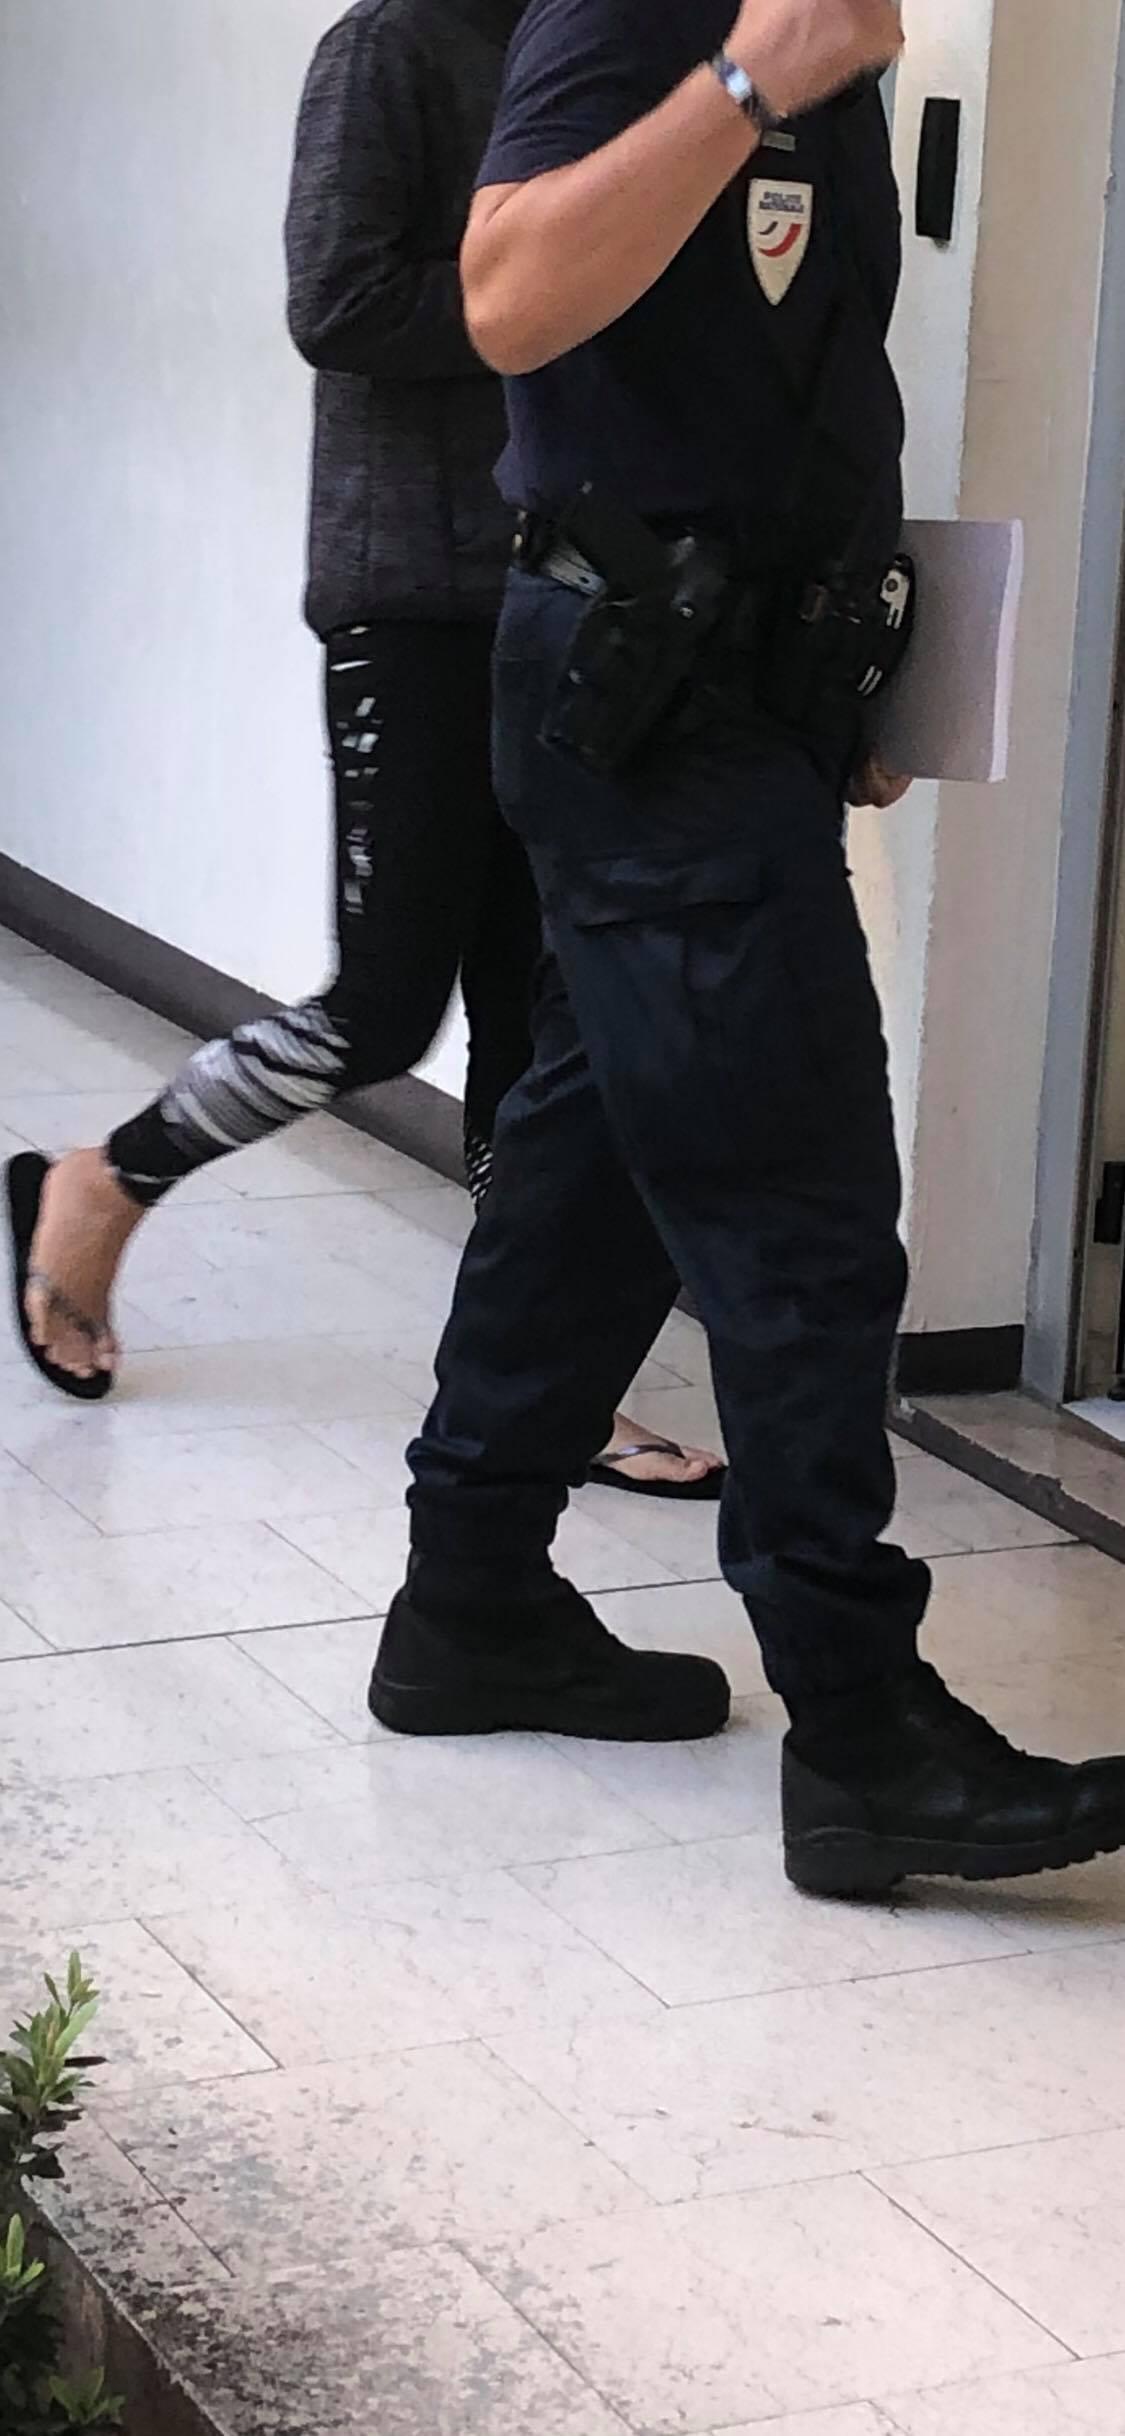 Une femme interpellée à l'aéroport en possession de 74 grammes d'ice, trois autres individus placés en garde à vue